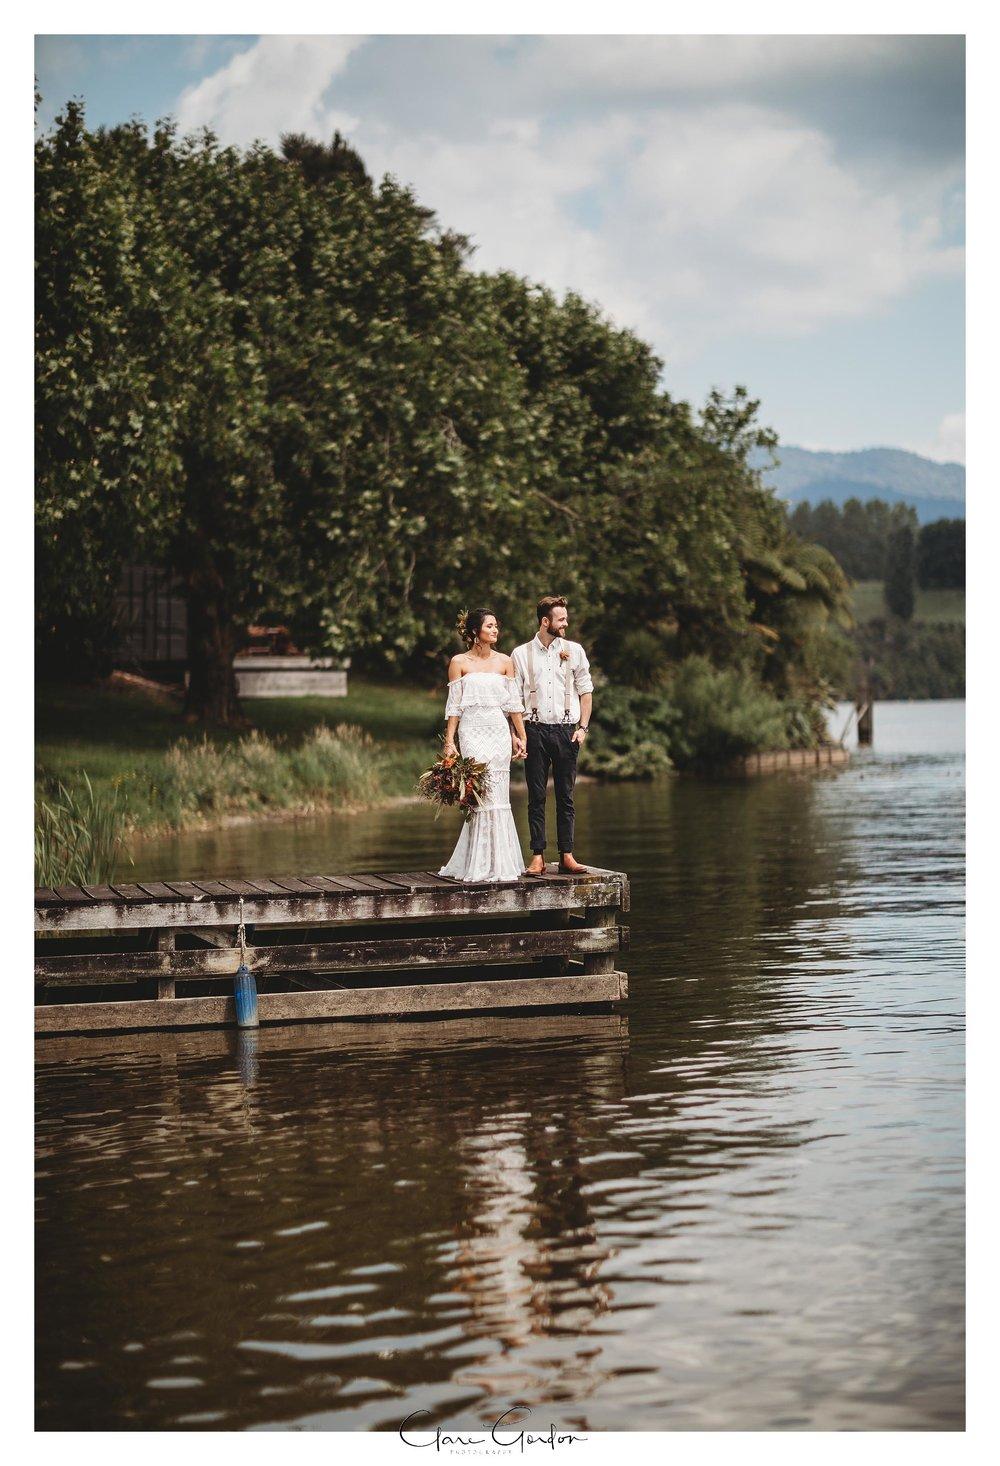 The Boatshed-Wedding-lake-karapiro-Waikato (58).jpg